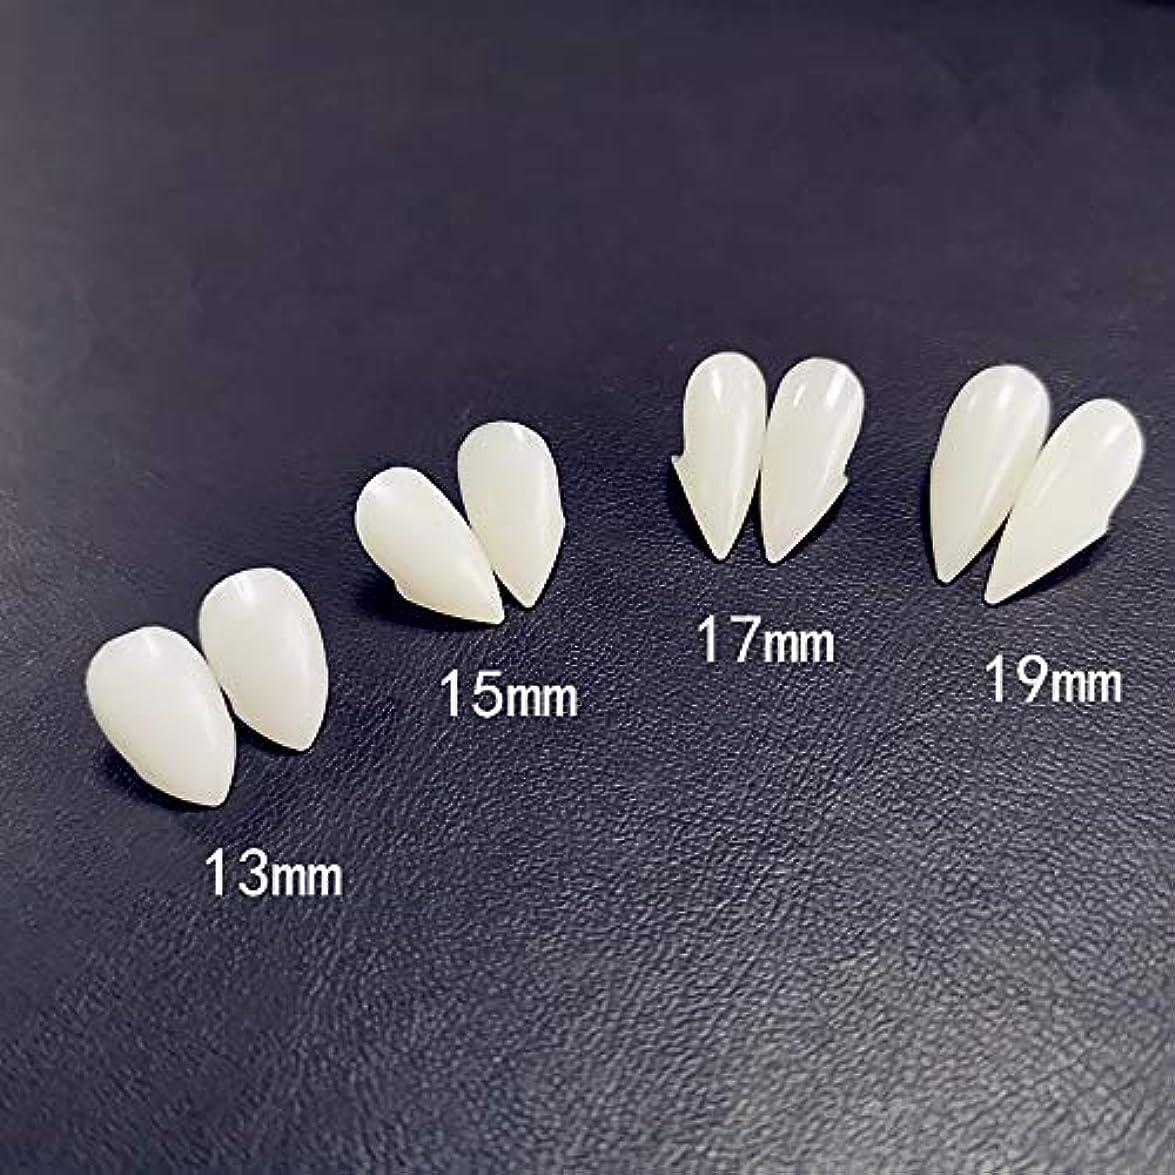 切り刻む露出度の高い進化する6ペア牙キット歯の入れ歯歯の牙入れ歯小道具ハロウィーンの衣装小道具パーティーの好意休日DIYの装飾ホラー大人のための子供,19mm